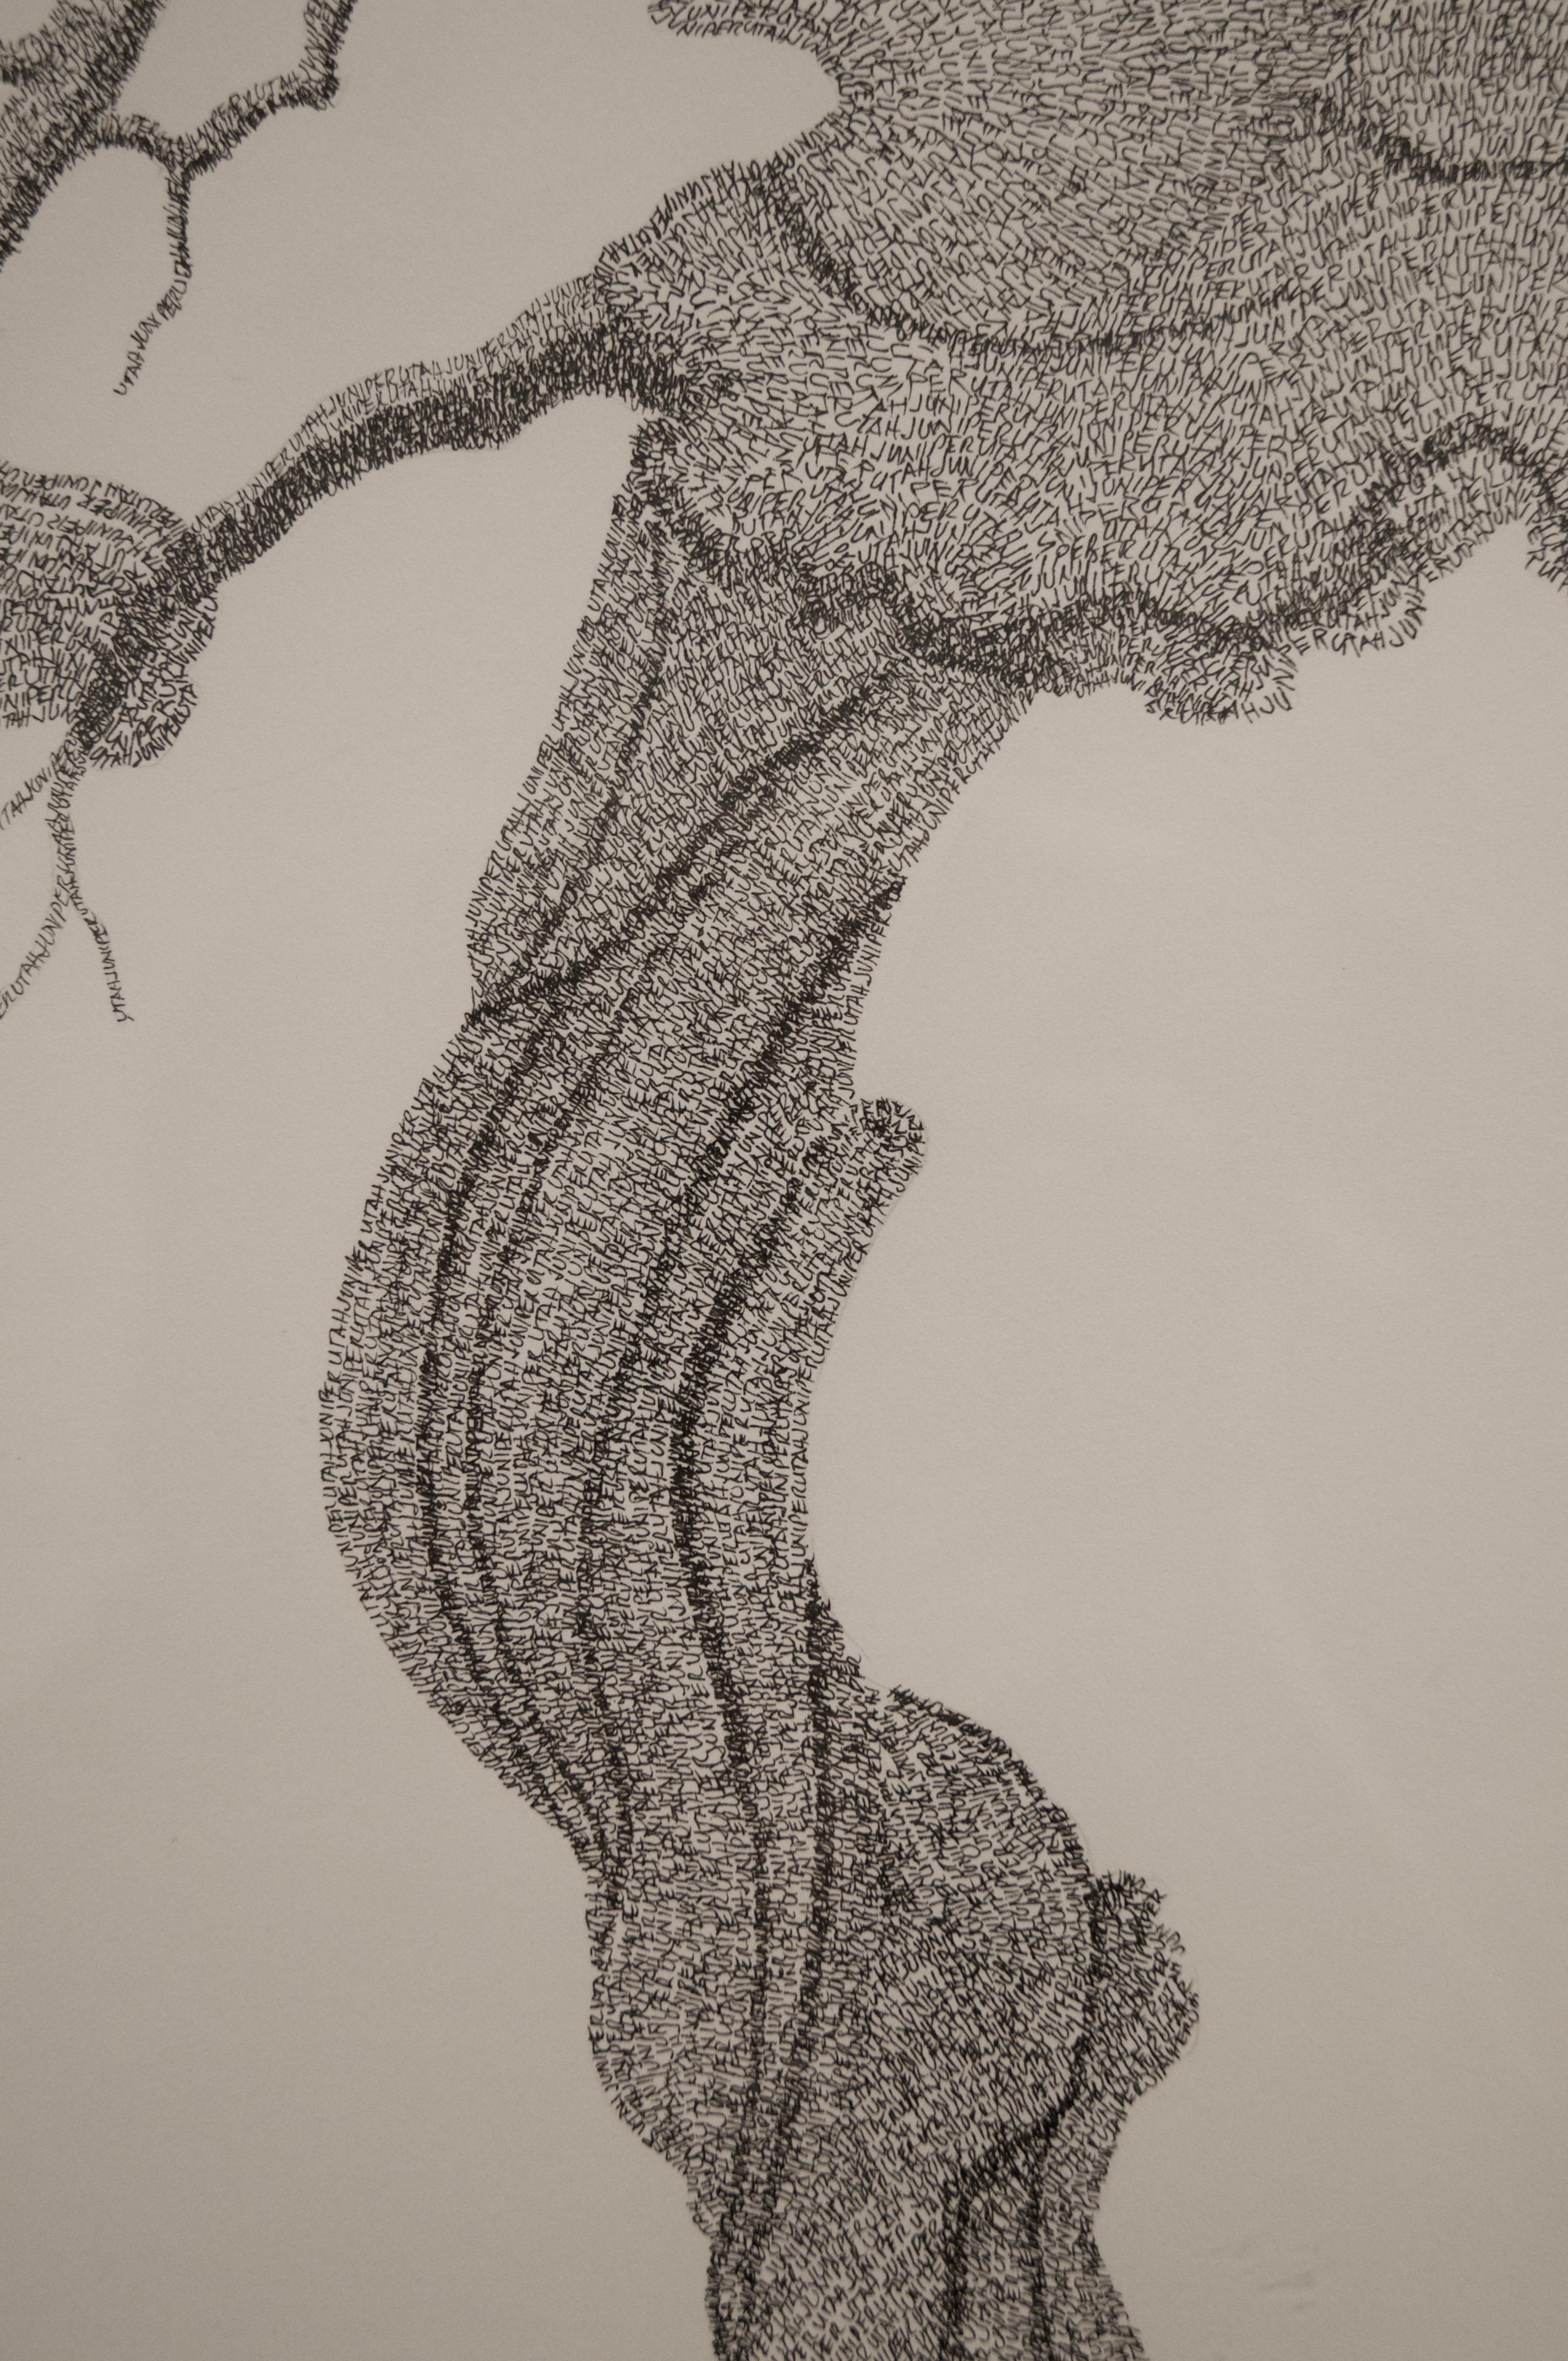 Utah Juniper, detail